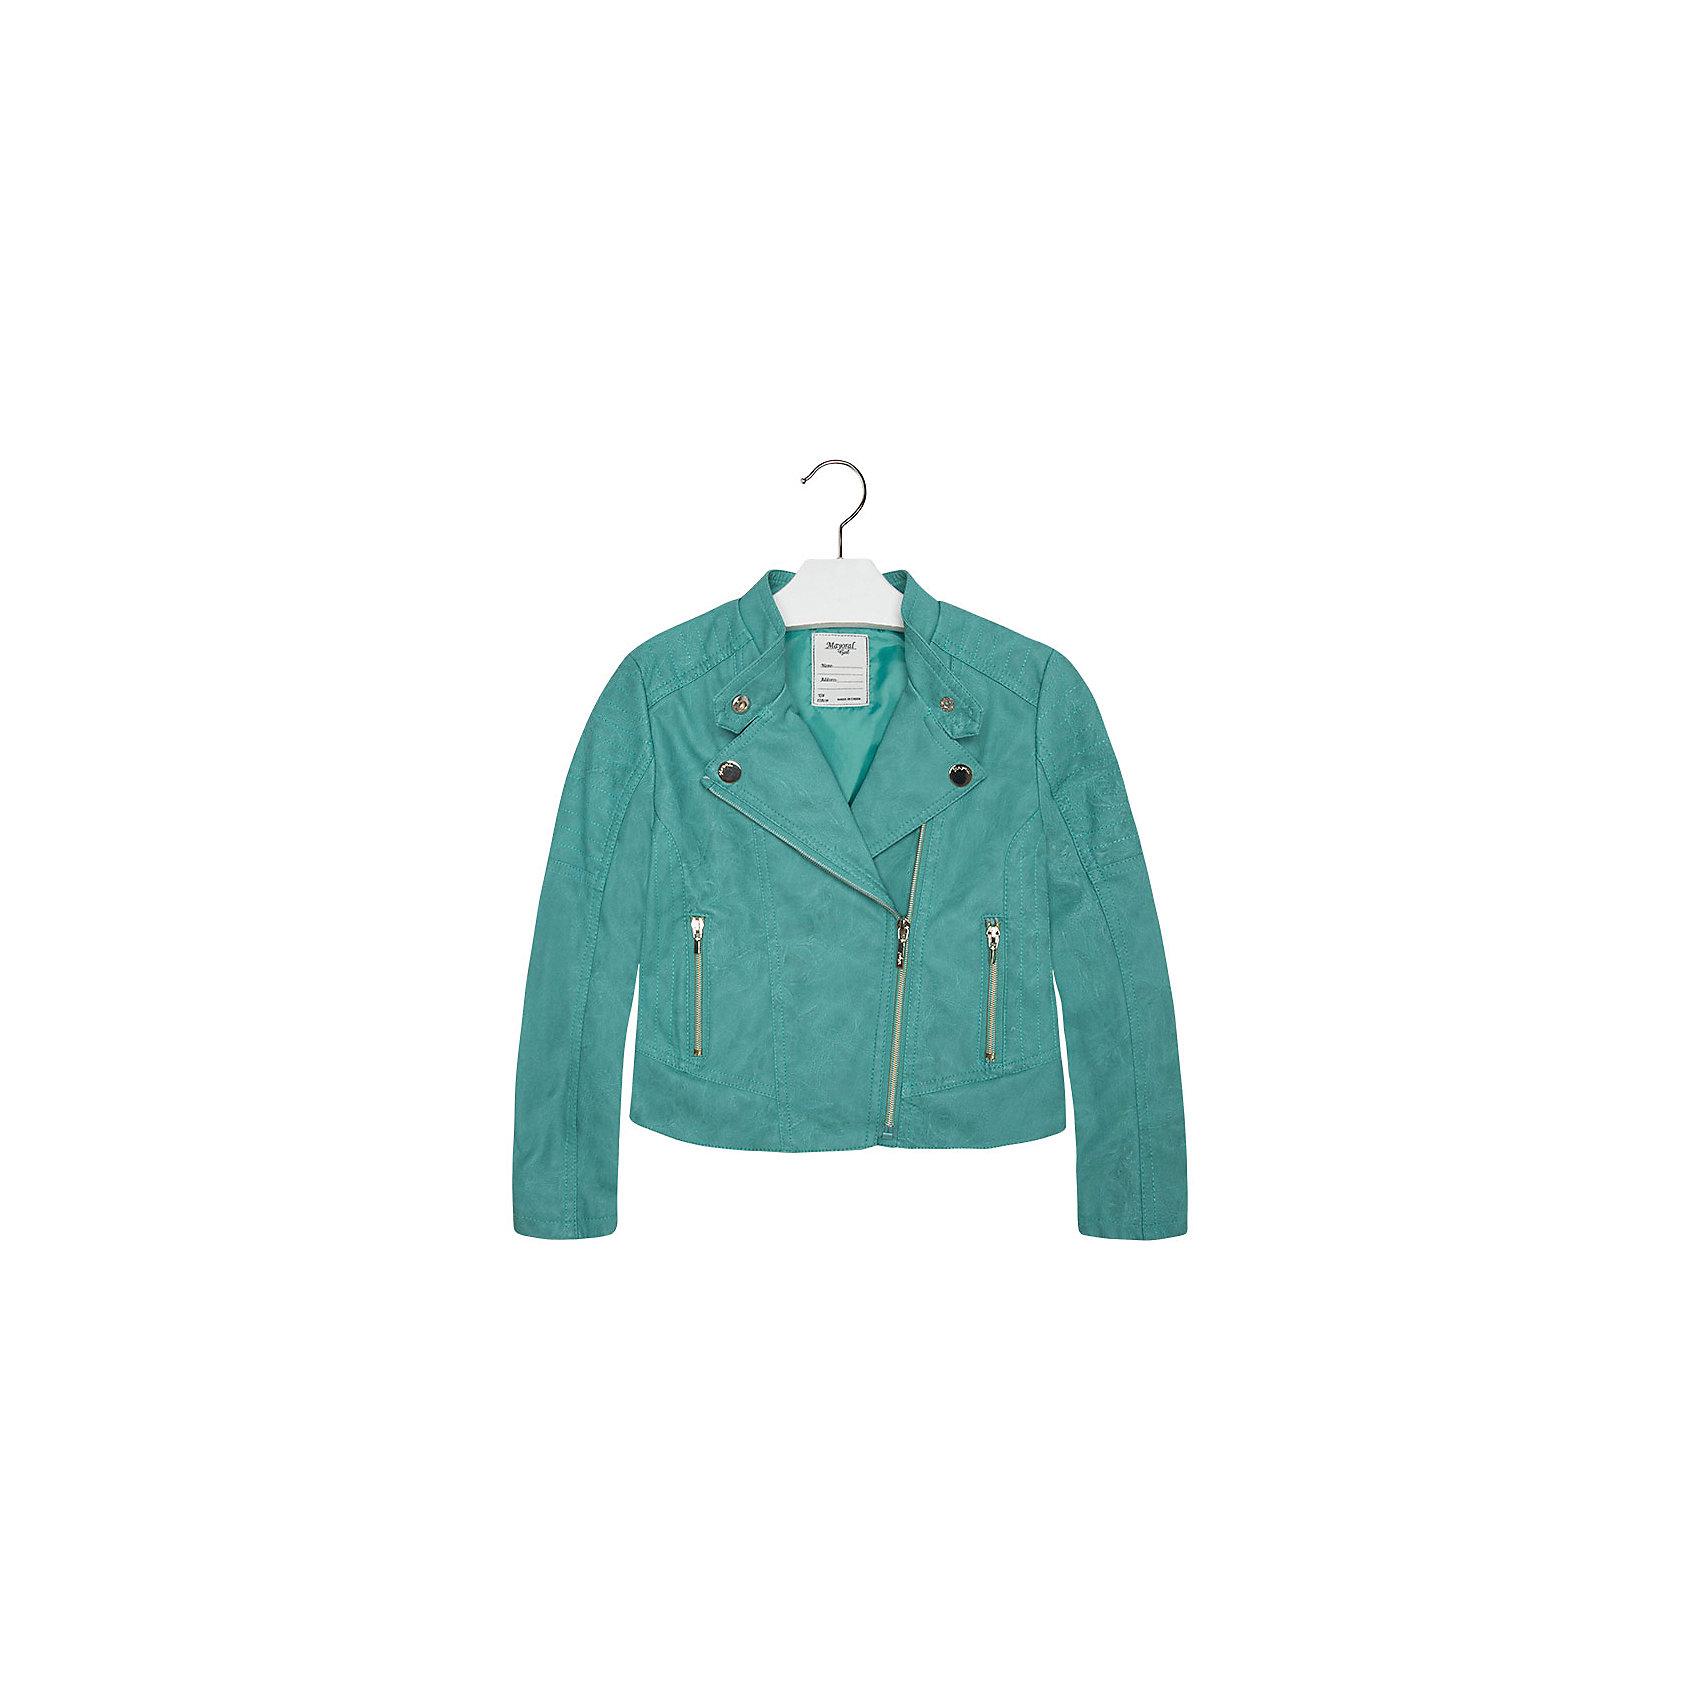 Куртка для девочки MayoralКуртка для девочки от известной испанской марки Mayoral приведет в восторг любую девочку и добавит образу юной модницы оригинальность и стиль. <br><br>Дополнительная информация:<br><br>- Стильный, актуальный дизайн.<br>- Застегивается на молнию.<br>- Воротник-стойка застегивается на кнопки.<br>- 2 передних кармана на молнии.<br>- Декоративная отстрочка.<br>- Декоративные складки на спине.<br>- Состав: верх - 100% полиуретан, подкладка - 100% полиэстер. <br><br>Куртку для девочки Mayoral (Майорал) можно купить в нашем магазине.<br><br>Ширина мм: 356<br>Глубина мм: 10<br>Высота мм: 245<br>Вес г: 519<br>Цвет: зеленый<br>Возраст от месяцев: 84<br>Возраст до месяцев: 96<br>Пол: Женский<br>Возраст: Детский<br>Размер: 128,170,140,152,164,158<br>SKU: 4538531